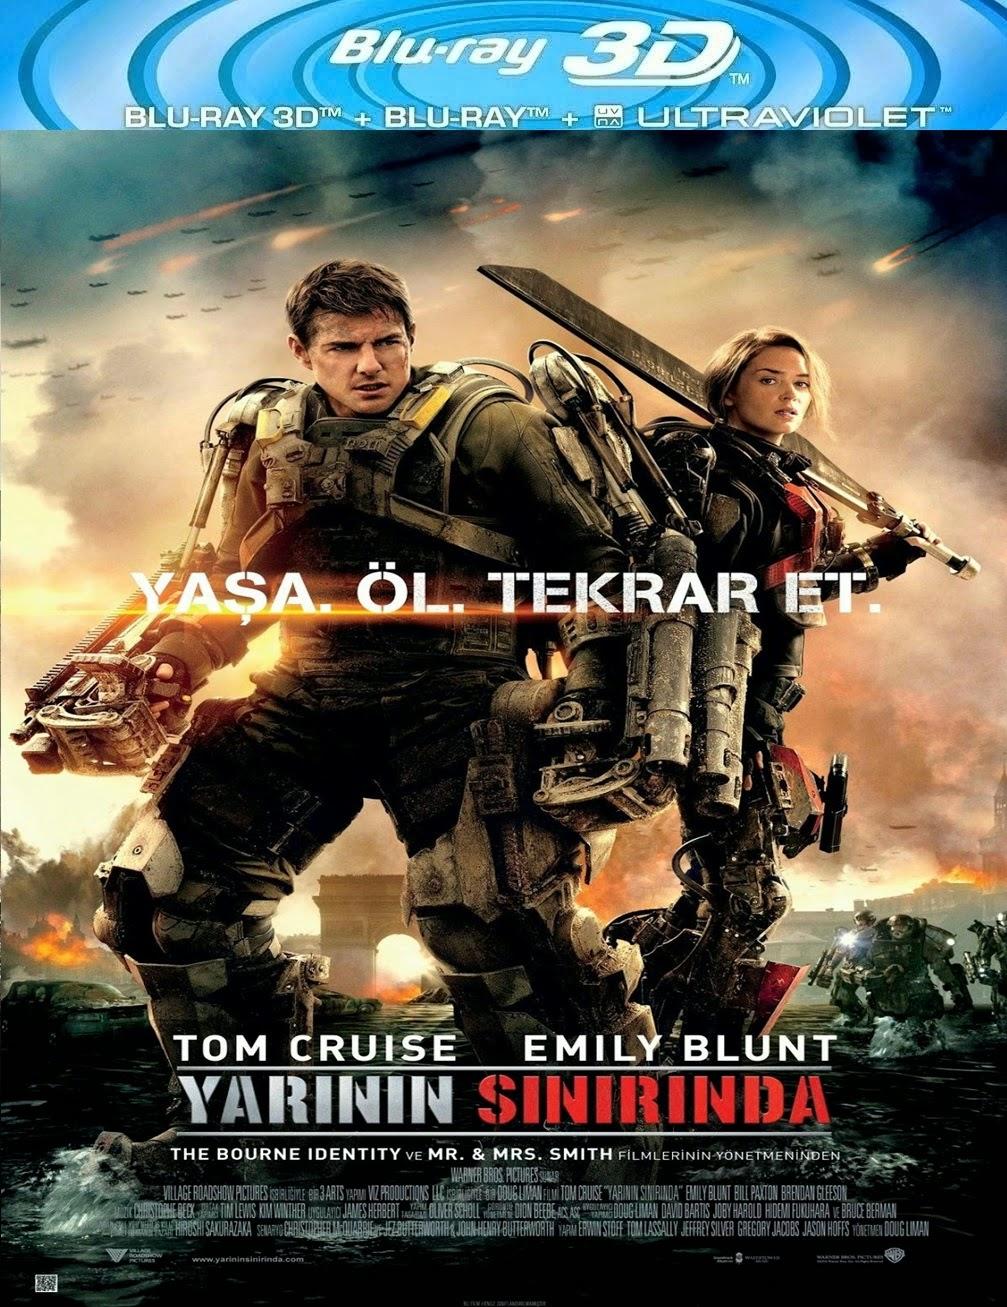 Yarının Sınırında (2014) 3D Film indir